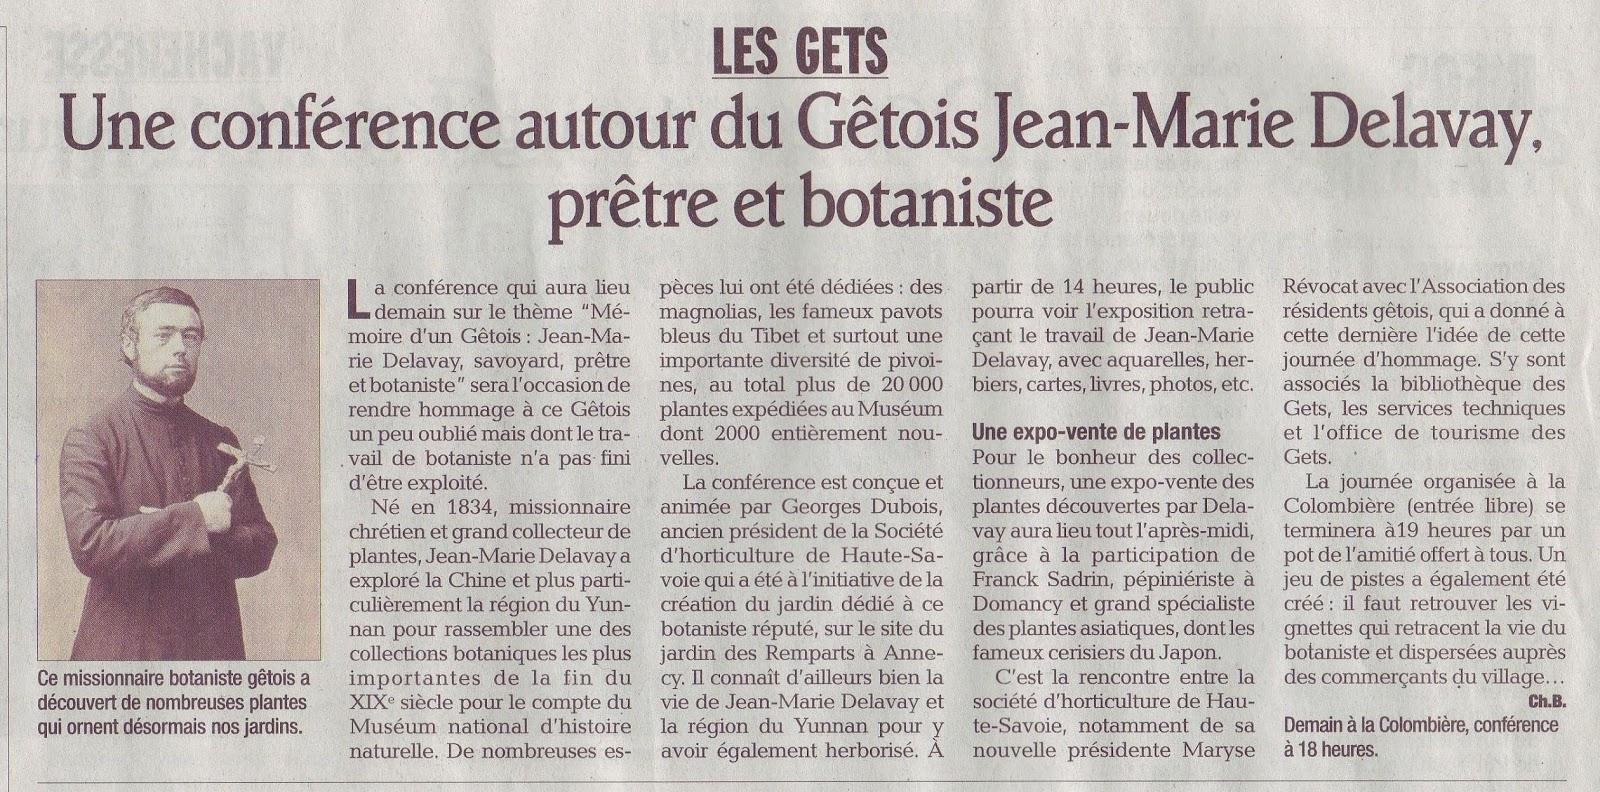 Une conference autour du Getois Jean Marie Delavay